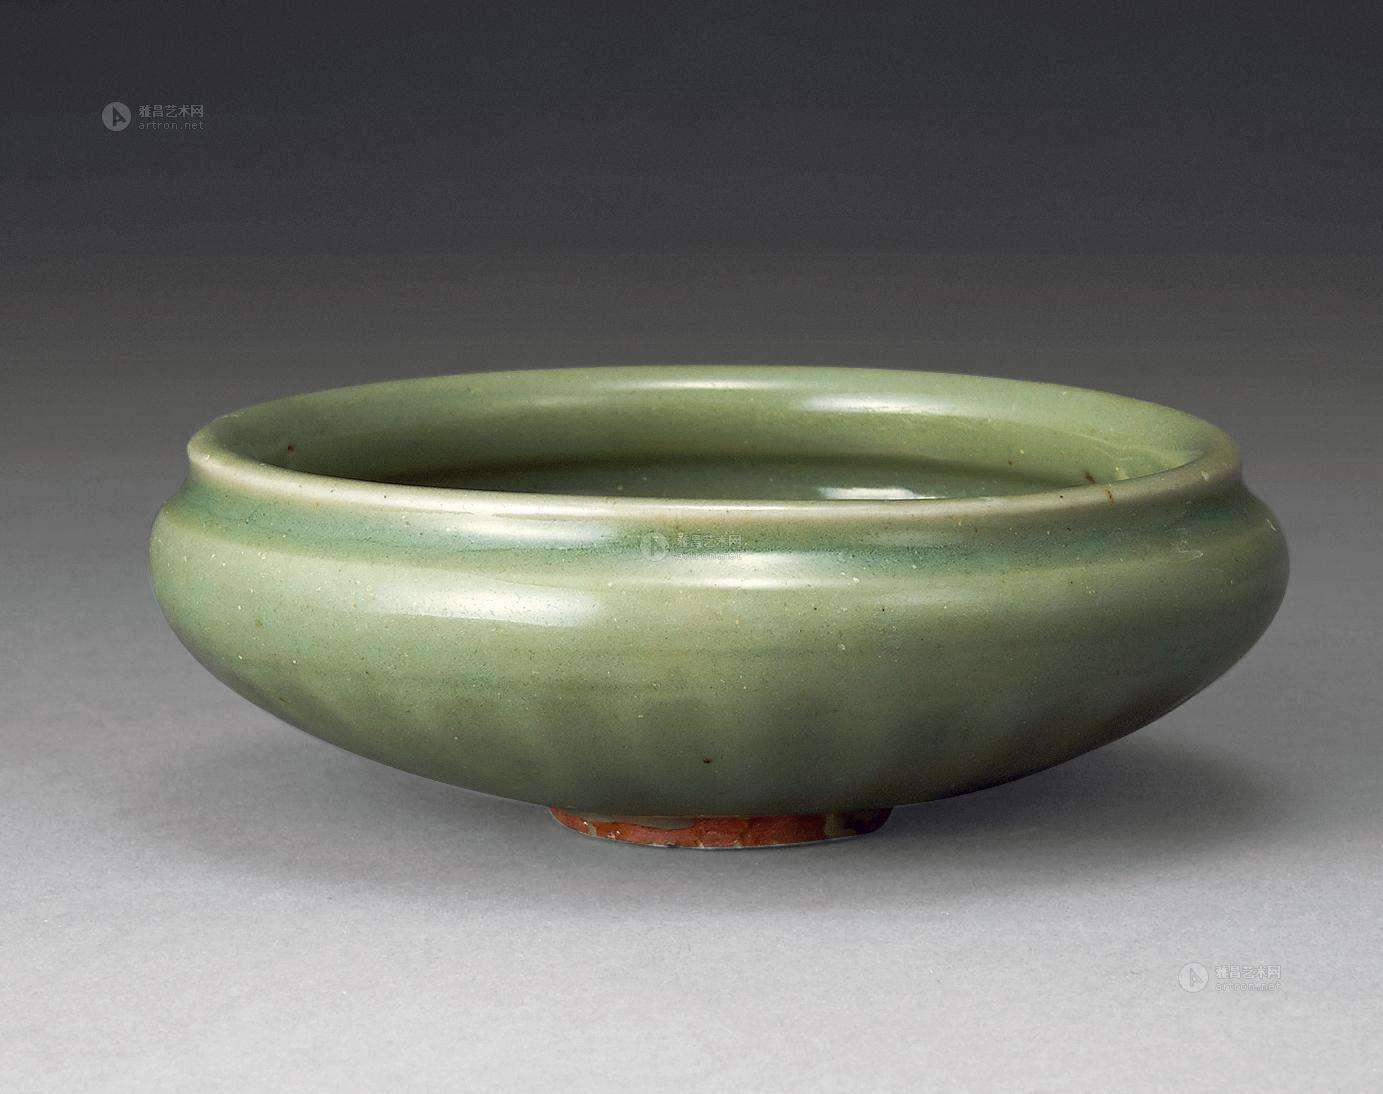 素雅、宁静、含蓄青瓷,是可以碧玉比美的存在